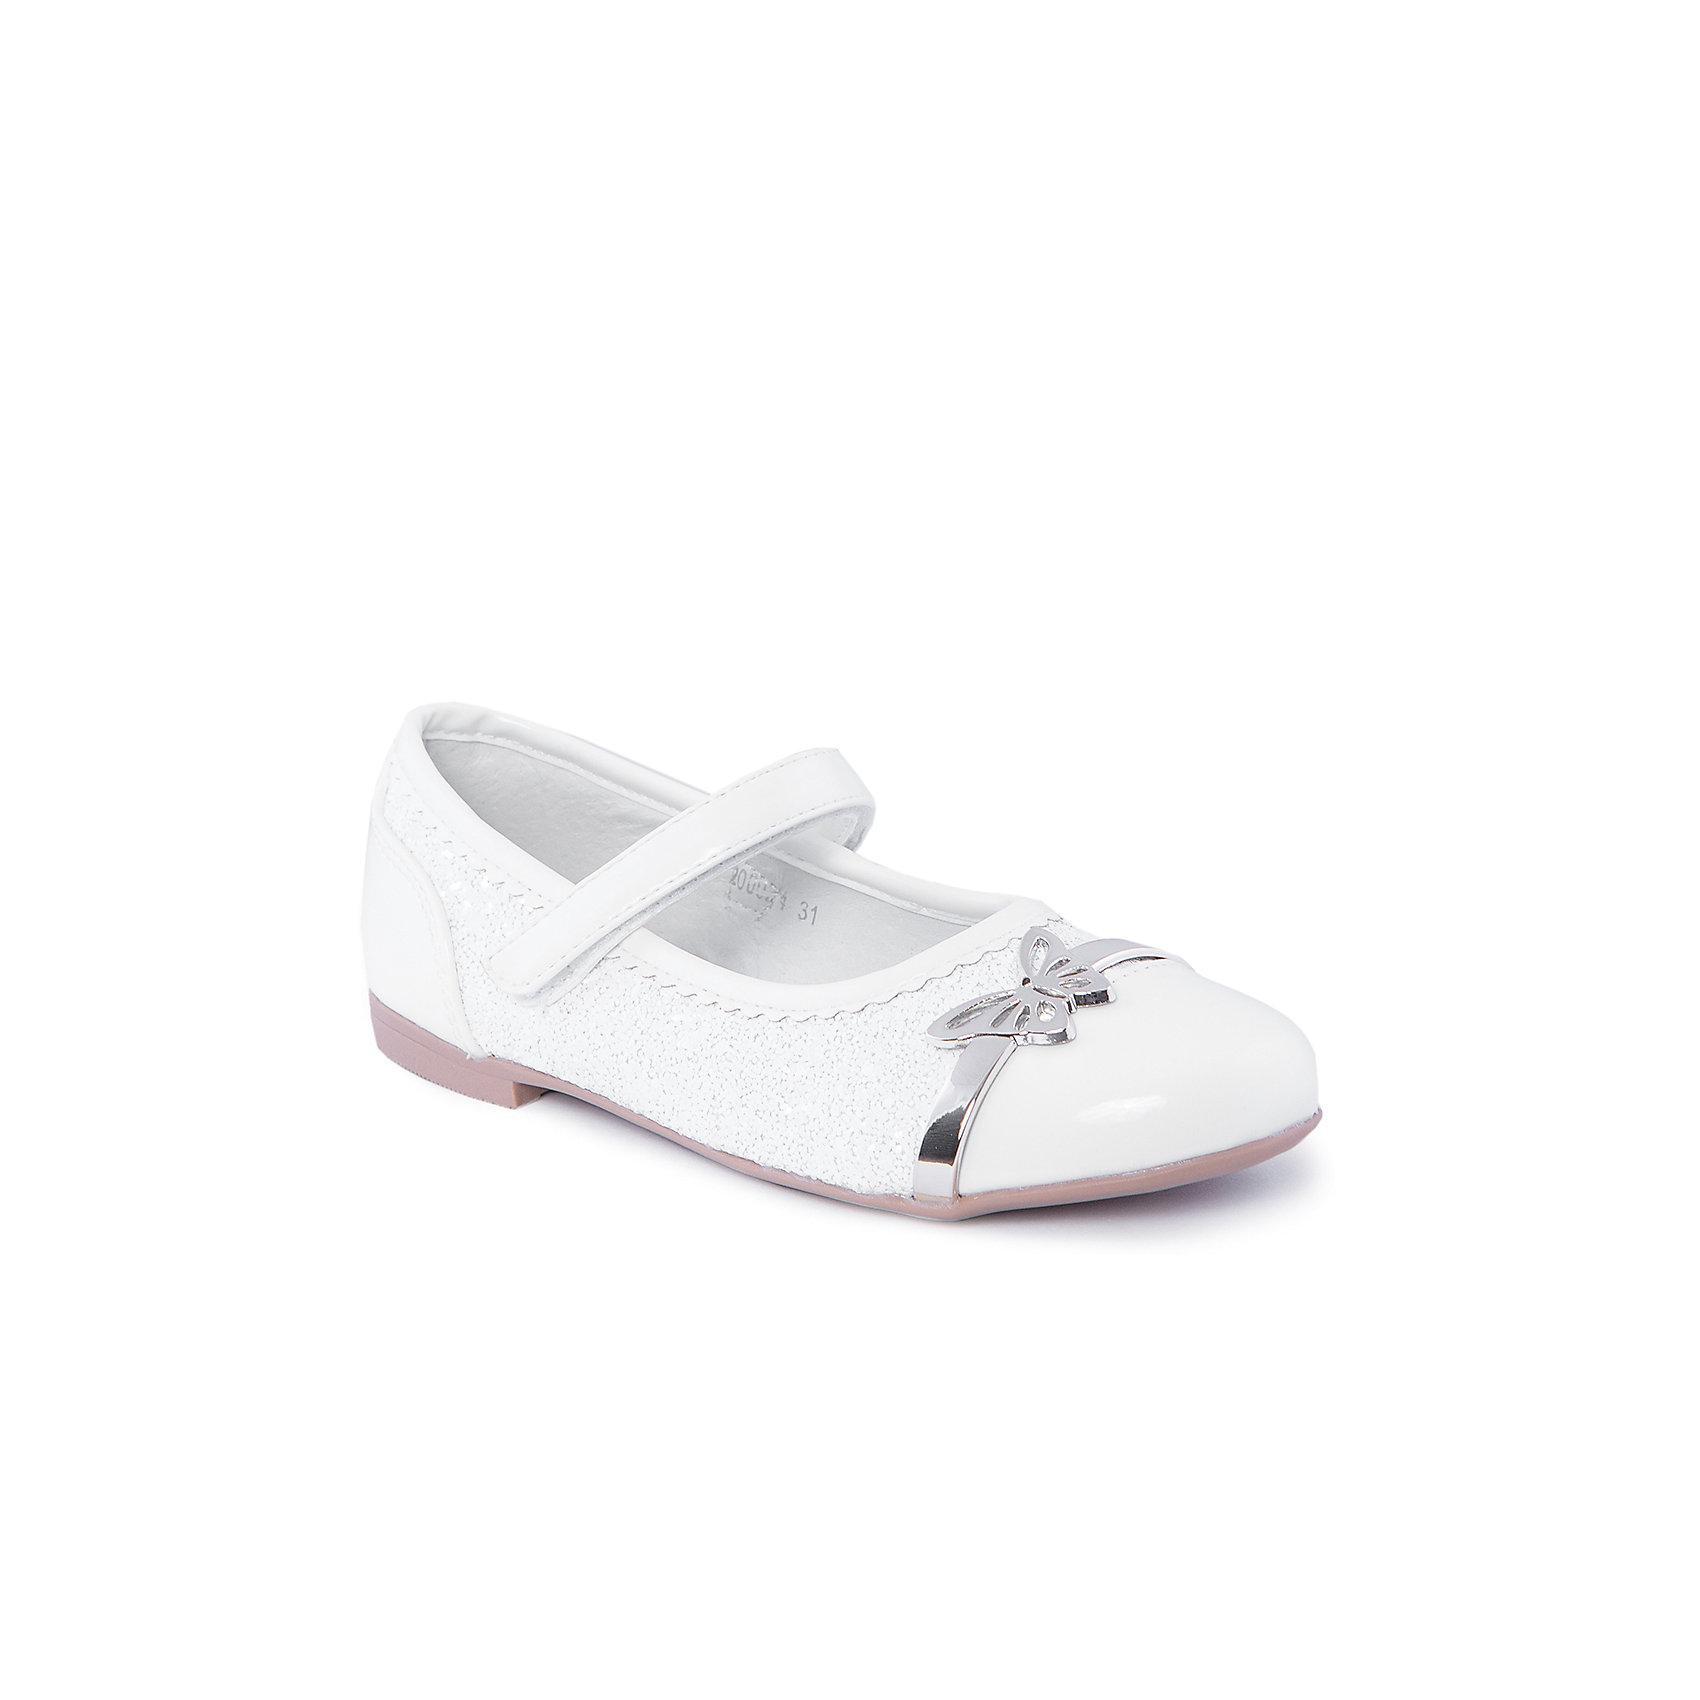 Туфли для девочки MURSUТуфли для девочки от известного бренда MURSU порадуют всех юных модниц. Модель на небольшом каблуке застегивается на липучку, декорирована белым бисером и блестящей бабочкой. Туфли выполнены из высококачественных материалов, подкладка и стелька изготовлены из натуральной кожи, обеспечивающей удобство, комфорт и гигиеничность. <br><br>Дополнительная информация:<br><br>- Цвет: белый.<br>- Тип застежки: липучка.<br>- Декоративные элементы: бабочка, бисер. <br><br>Состав:<br><br>- Материал верха: искусственная кожа.<br>- Материал подкладки: натуральная кожа.<br>- Материал подошвы: TEP.<br>- Материал стельки: натуральная кожа.<br><br>Туфли для девочки MURSU (Мурсу), можно купить в нашем магазине.<br><br>Ширина мм: 227<br>Глубина мм: 145<br>Высота мм: 124<br>Вес г: 325<br>Цвет: белый/золотой<br>Возраст от месяцев: 120<br>Возраст до месяцев: 132<br>Пол: Женский<br>Возраст: Детский<br>Размер: 34,31,35,33,32<br>SKU: 4213391